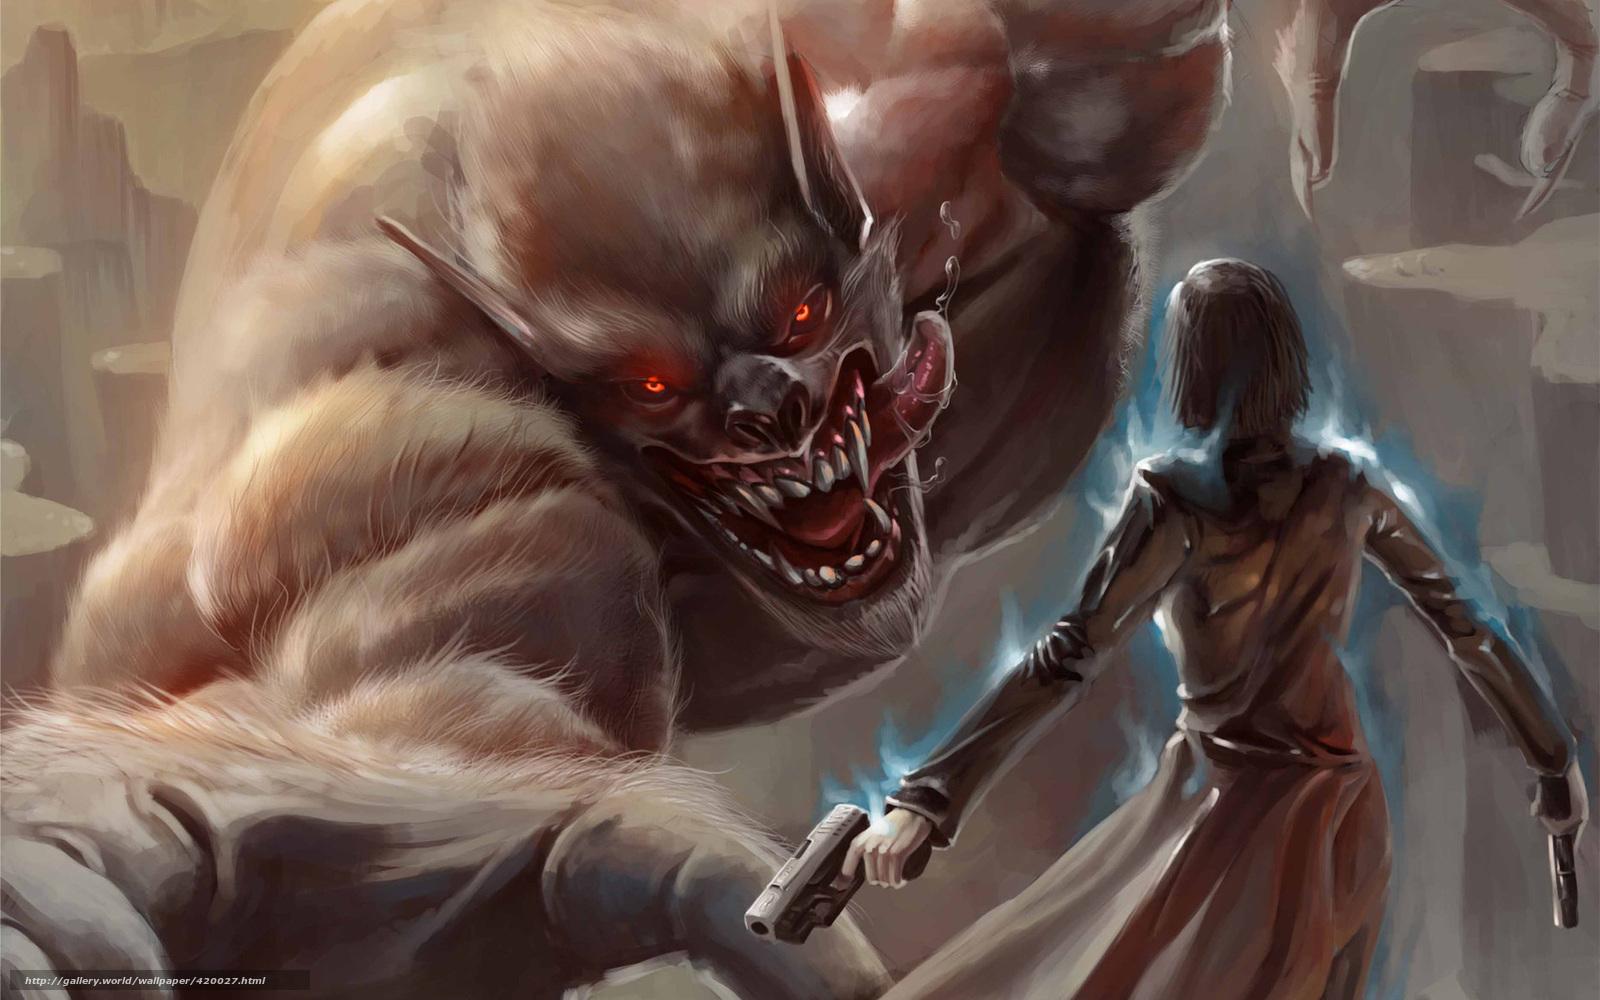 монстры напали на девушку